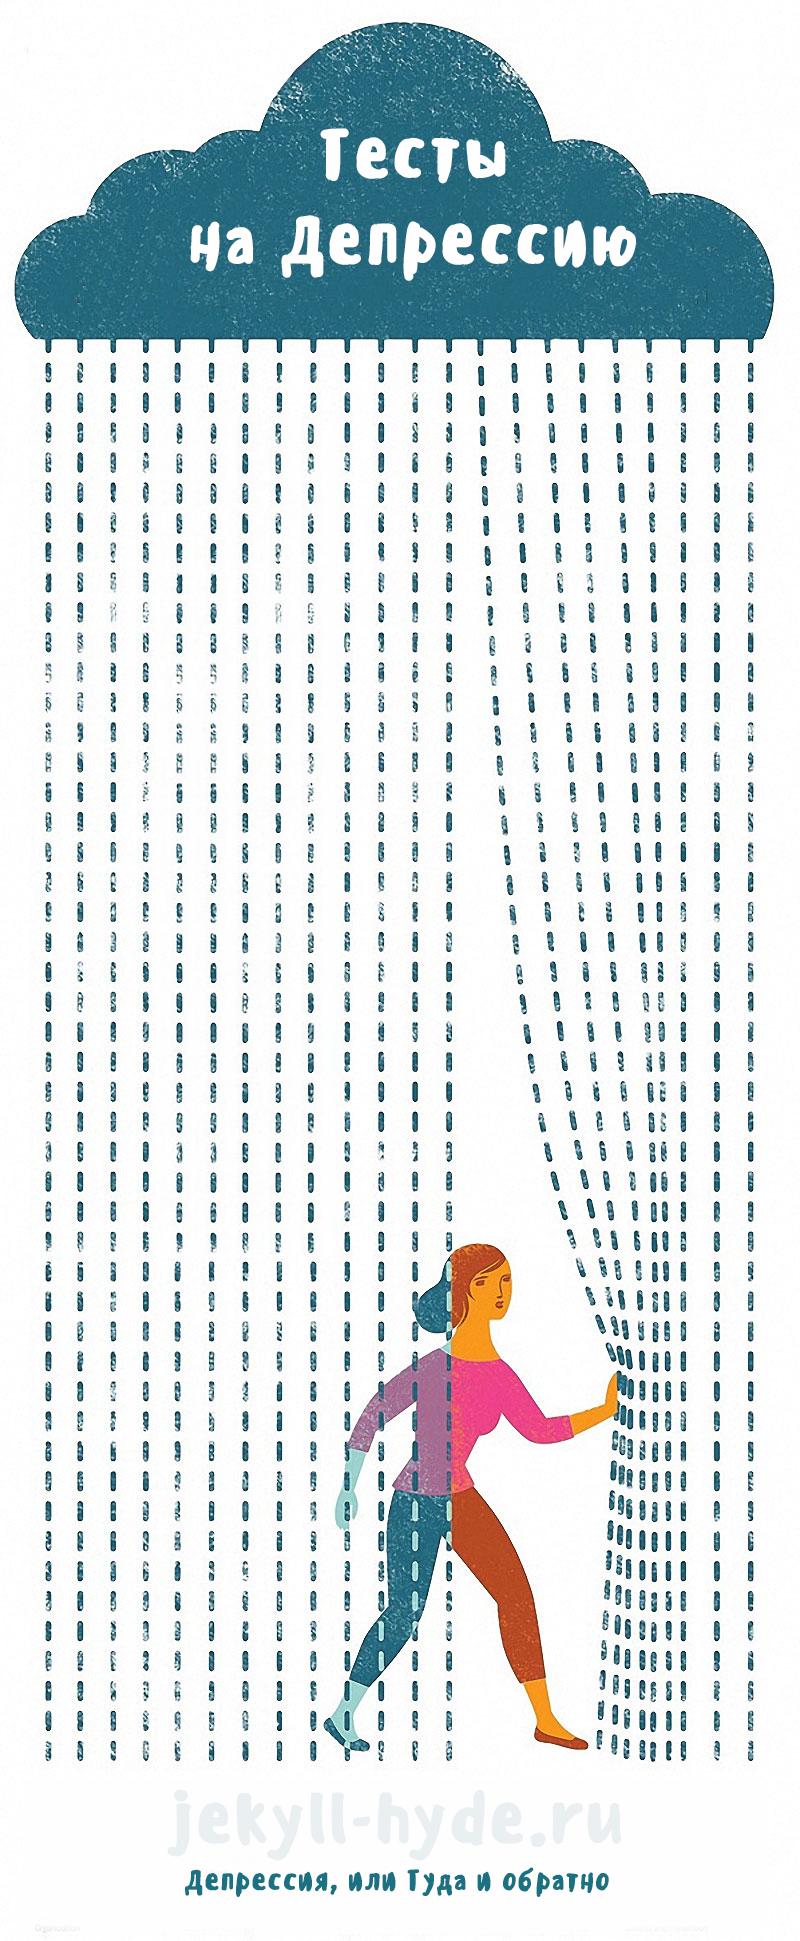 Картинки по запросу тесты депрессия